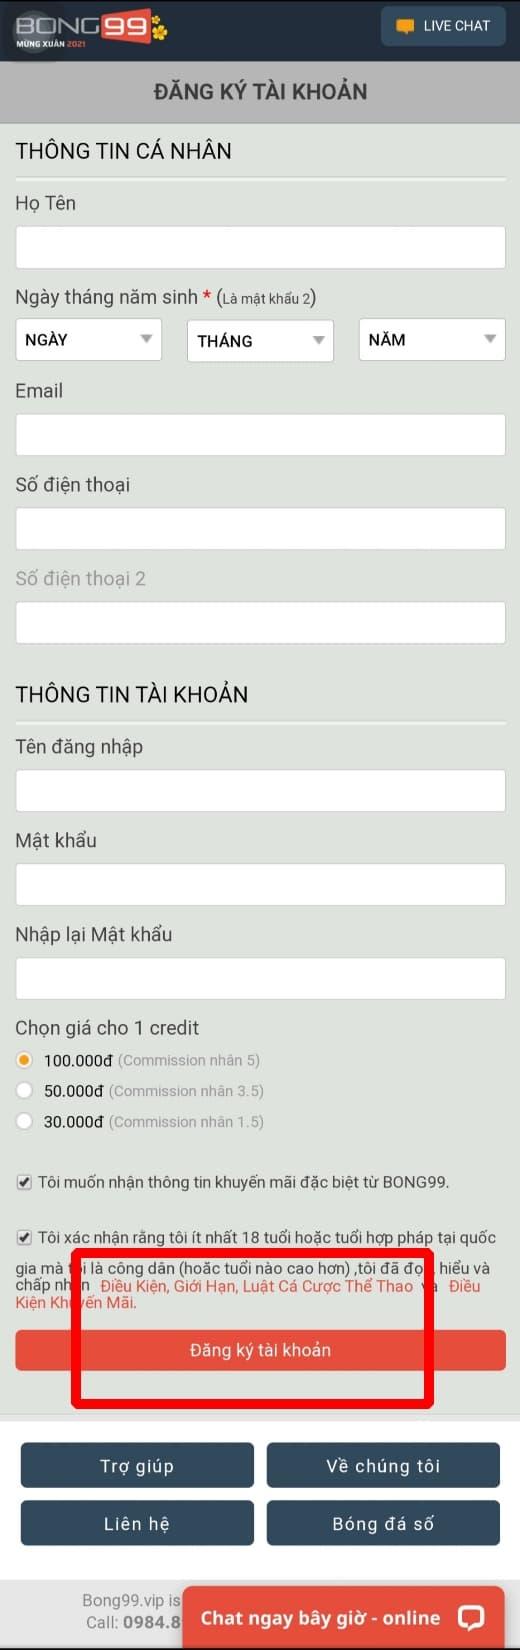 Bấm chọn ĐĂNG KÝ TÀI KHOẢN để hoàn thành quá trình đăng ký tài khoản tại bong99